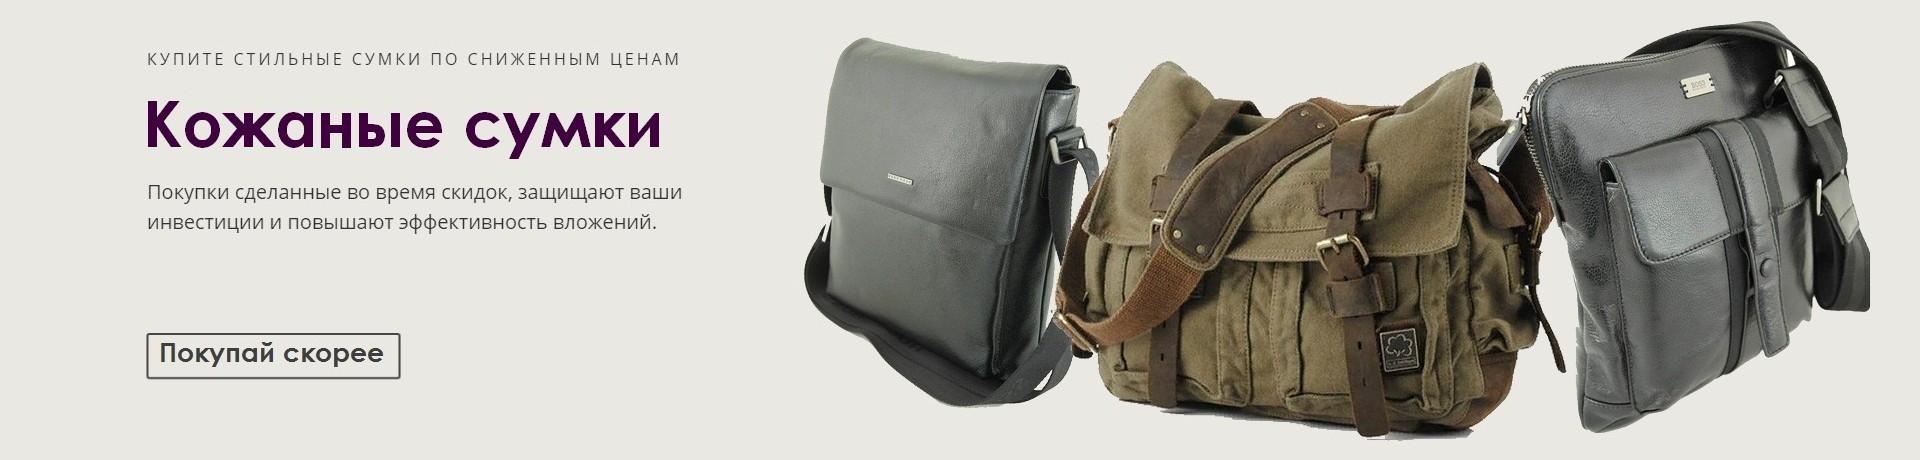 Ремни и сумки